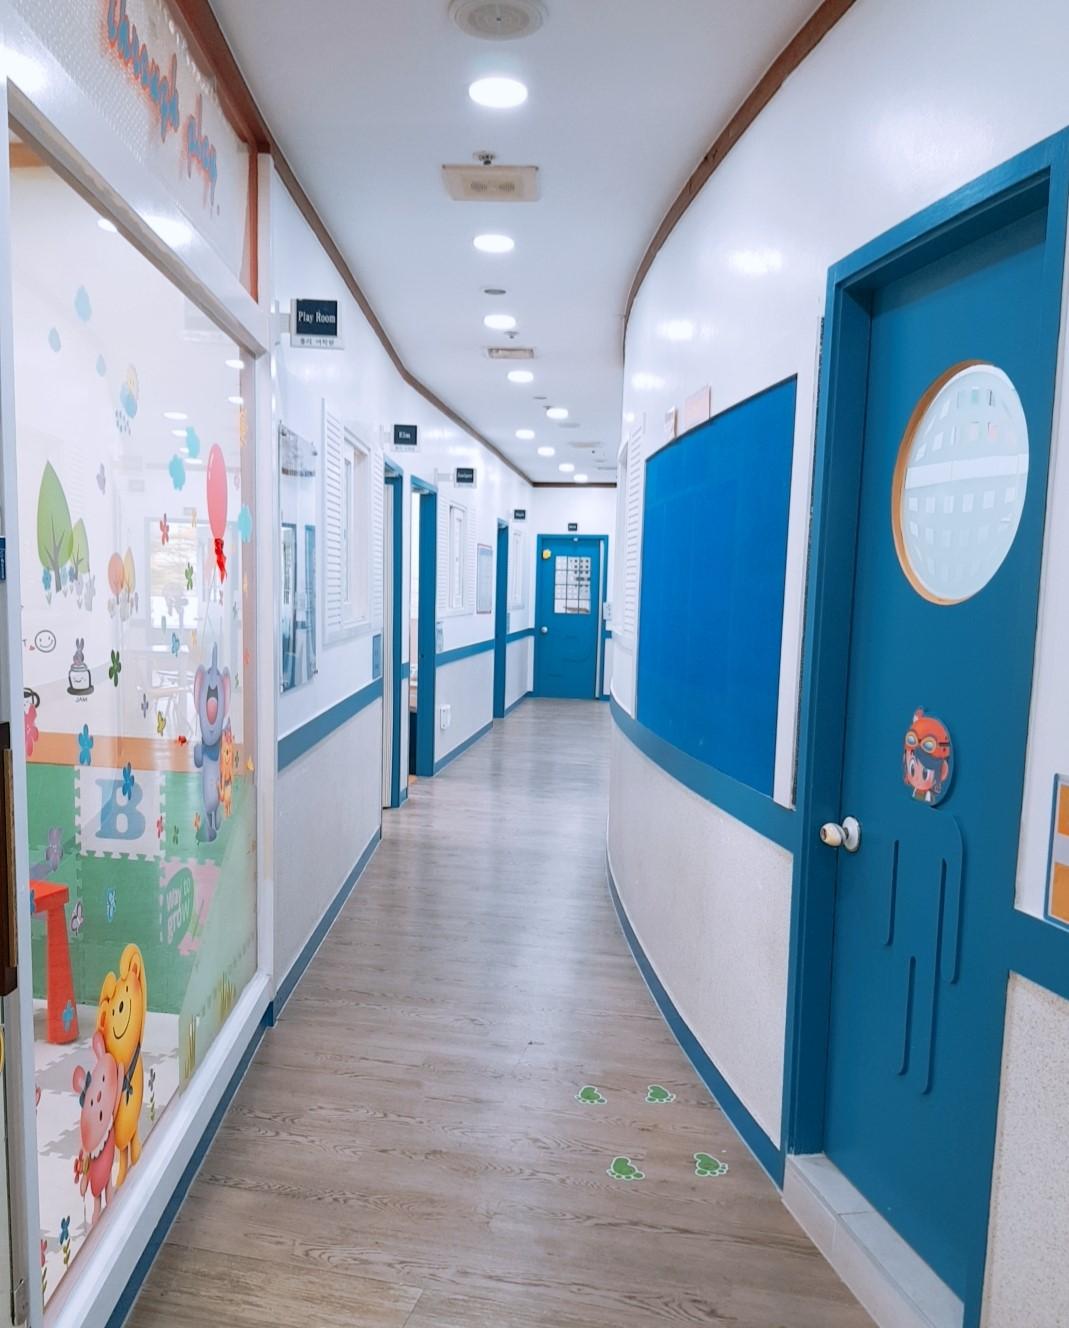 내부 Hallway 사진